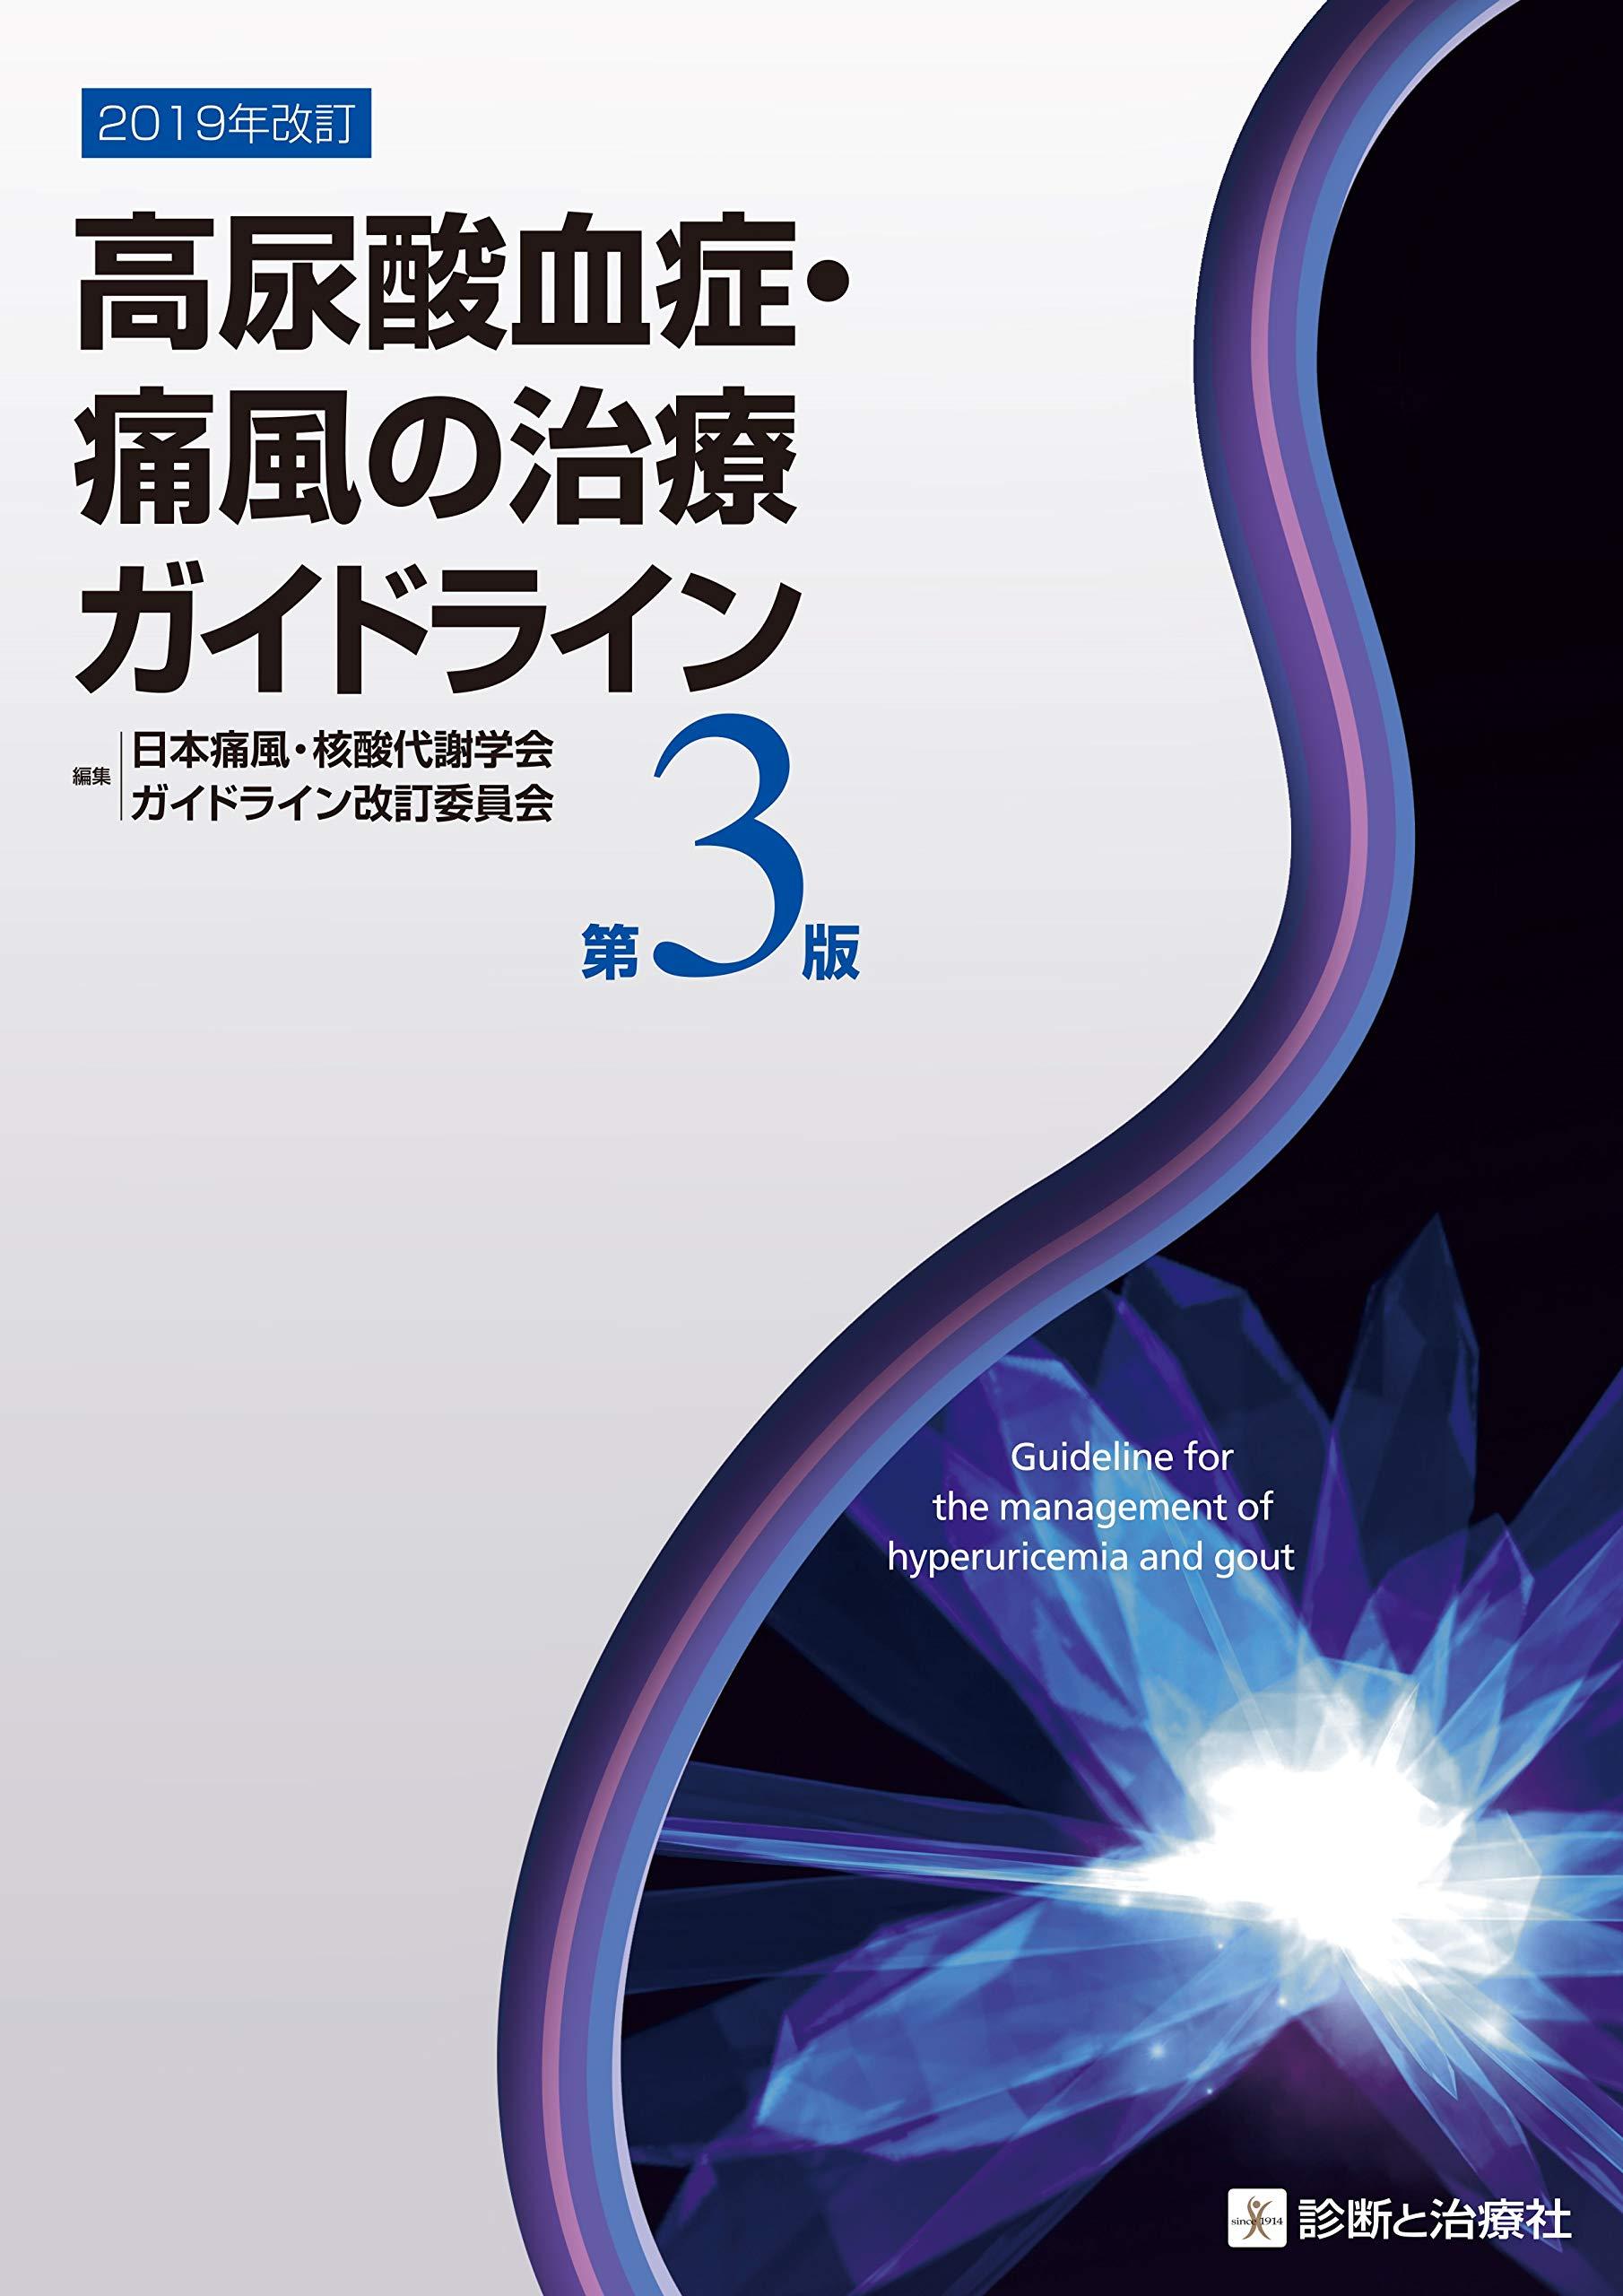 20181228_高尿酸血症・痛風の治療ガイドライン第3版 2019年改訂(久留 一郎)